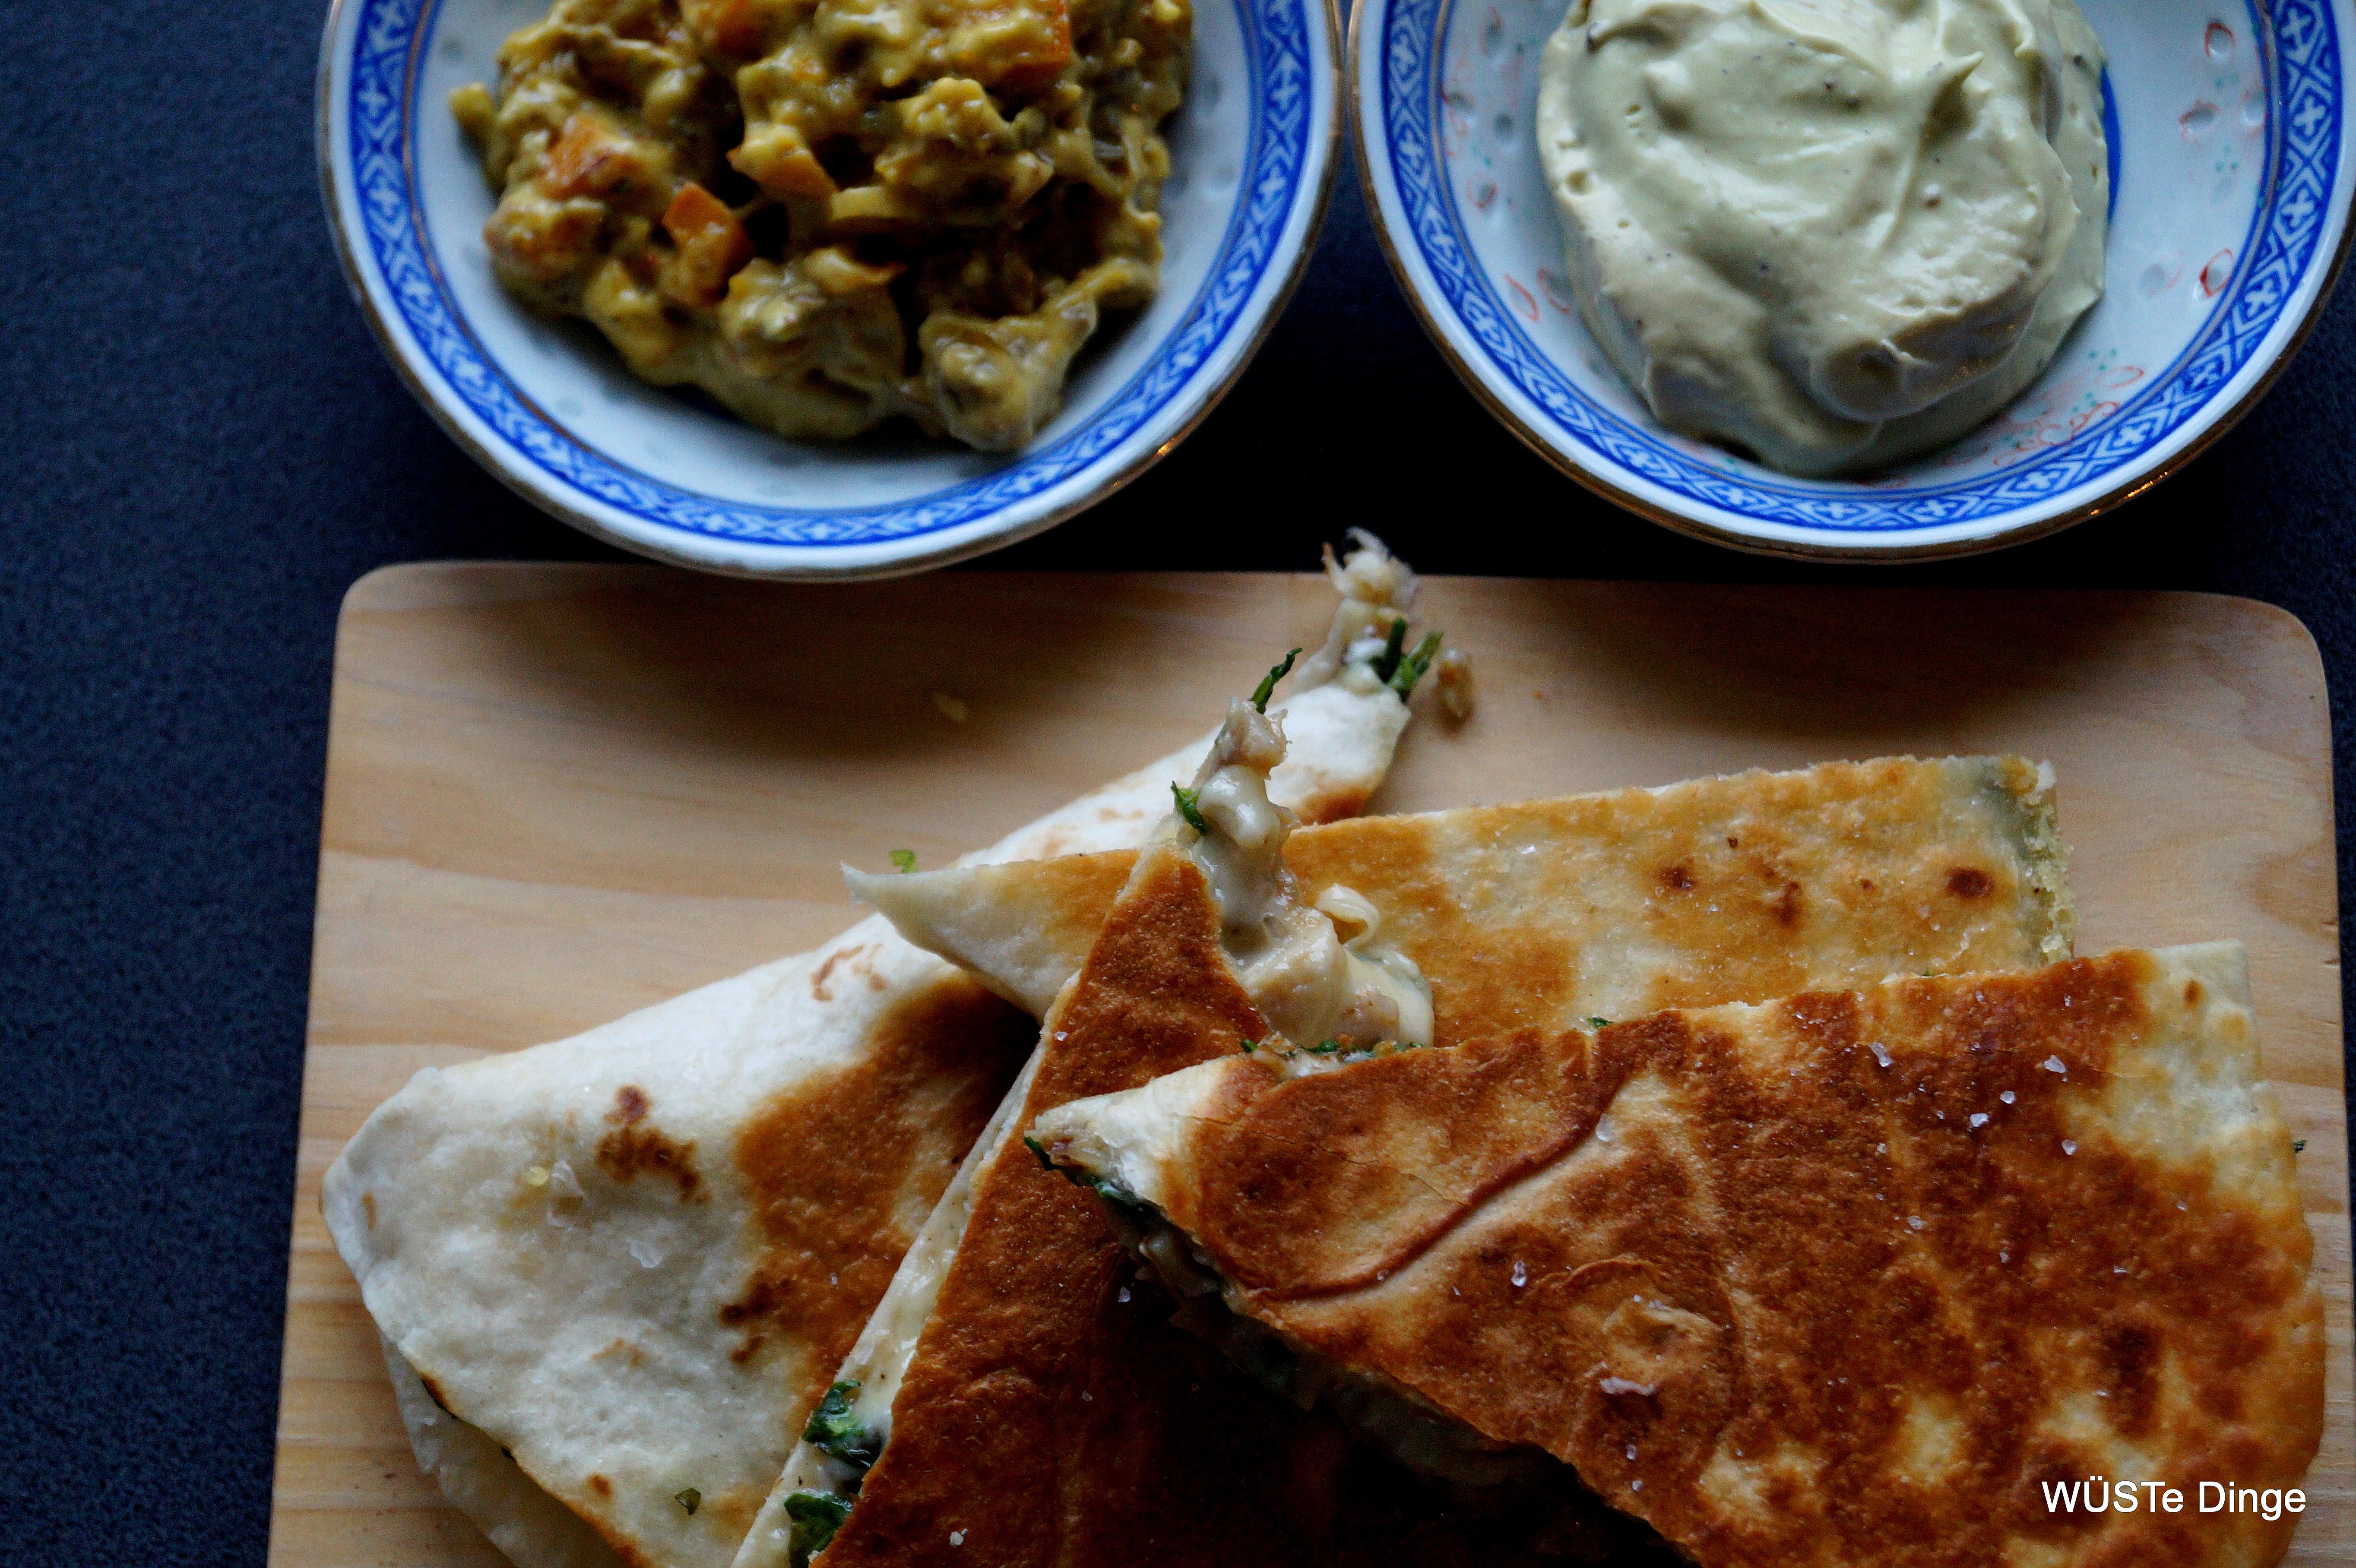 Quesadilla con Grillhähnchen, Rucola und Bergkäse